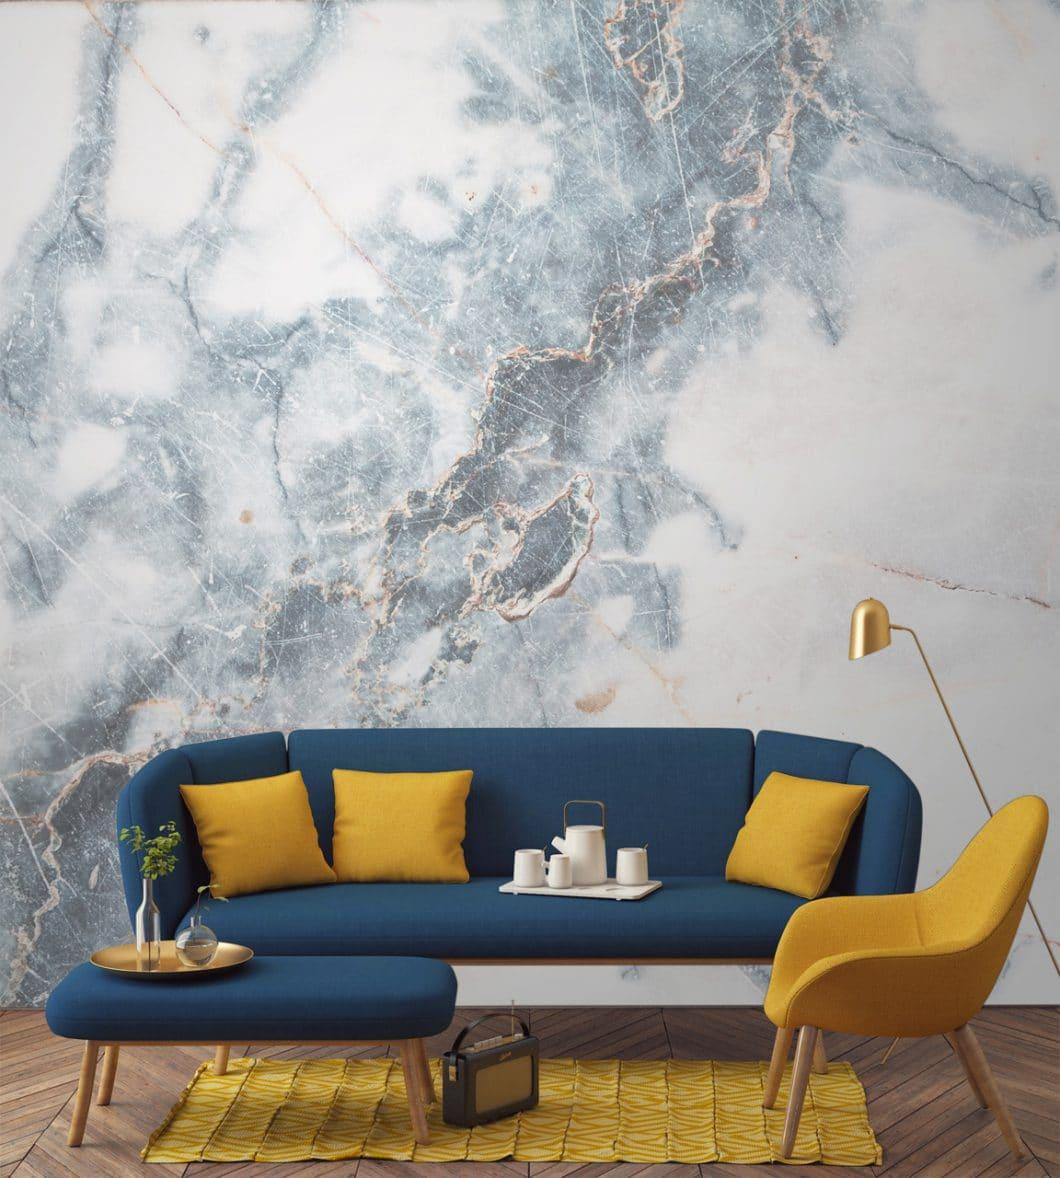 Marmor in Papierform - Wallpapers machen\'s möglich ...